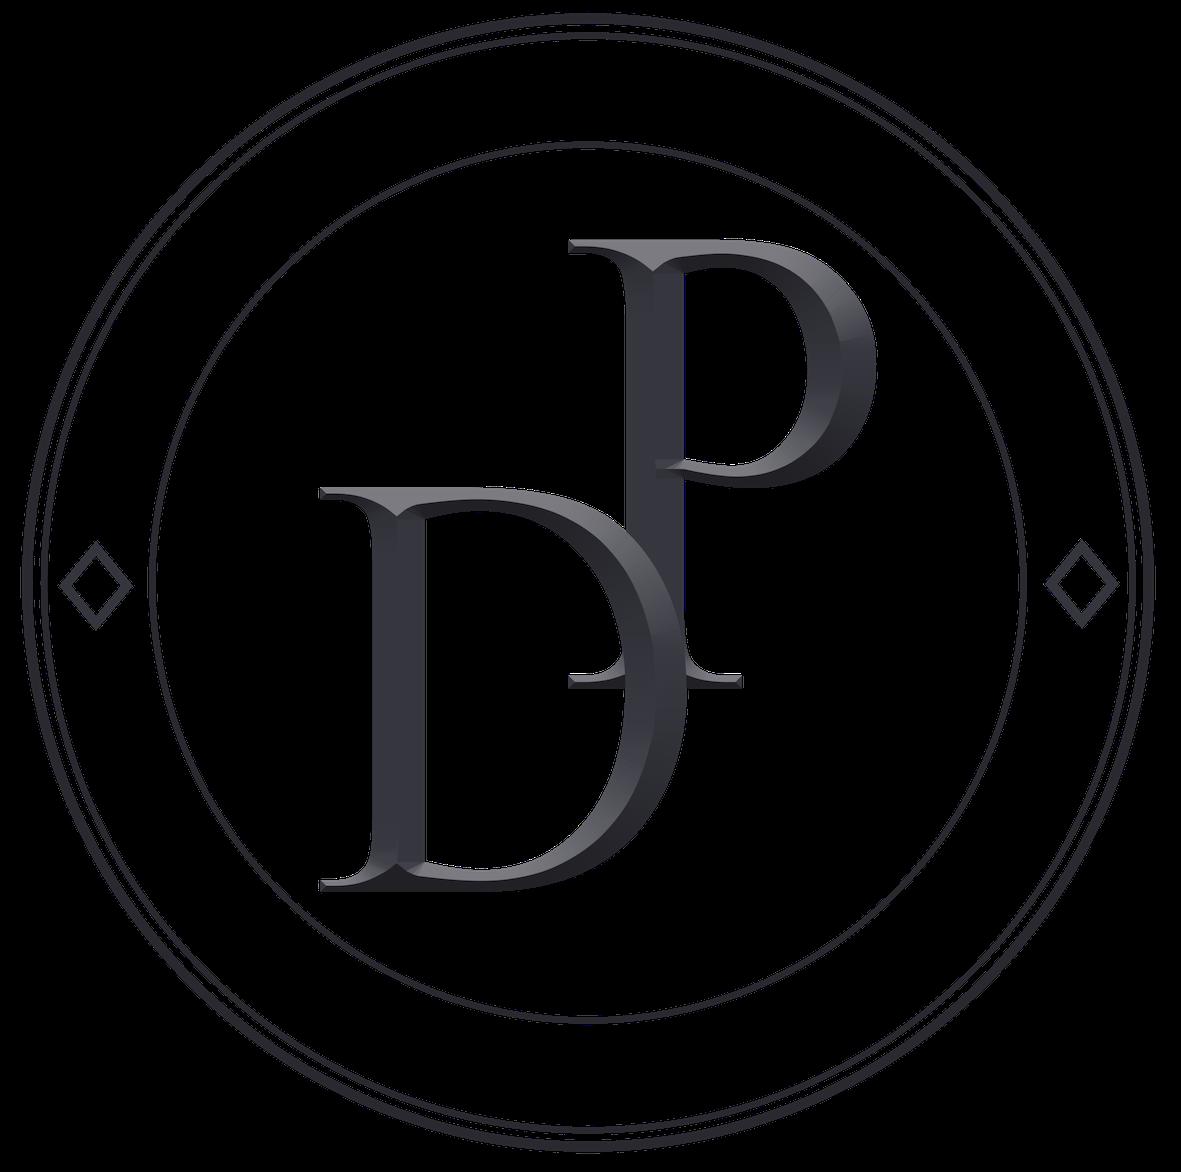 design Plus Steel Windows logo 1